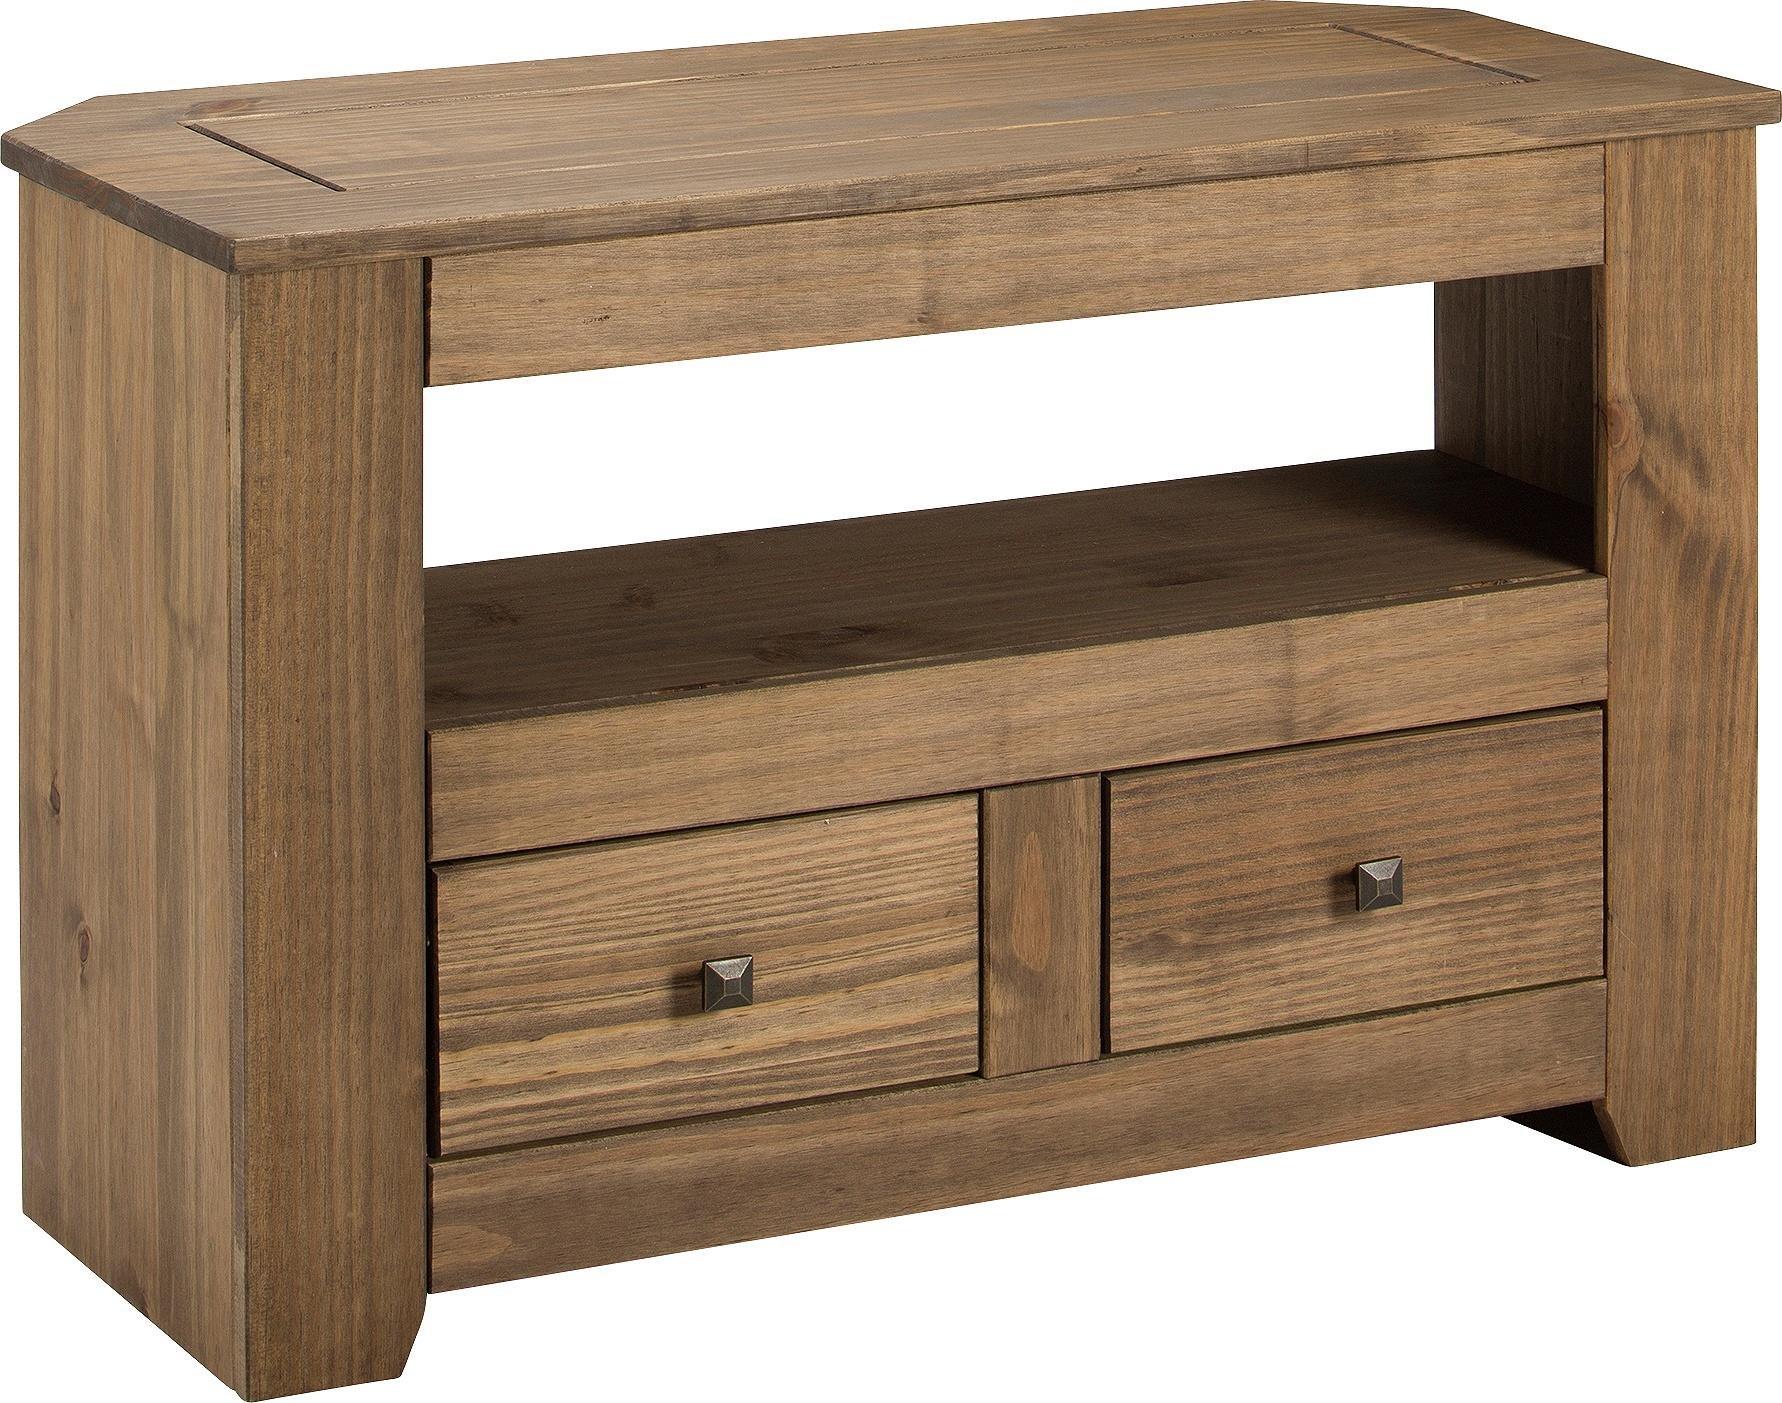 Argos Home Amersham 2 Drawer Solid Wood TV Unit - Dark Pine